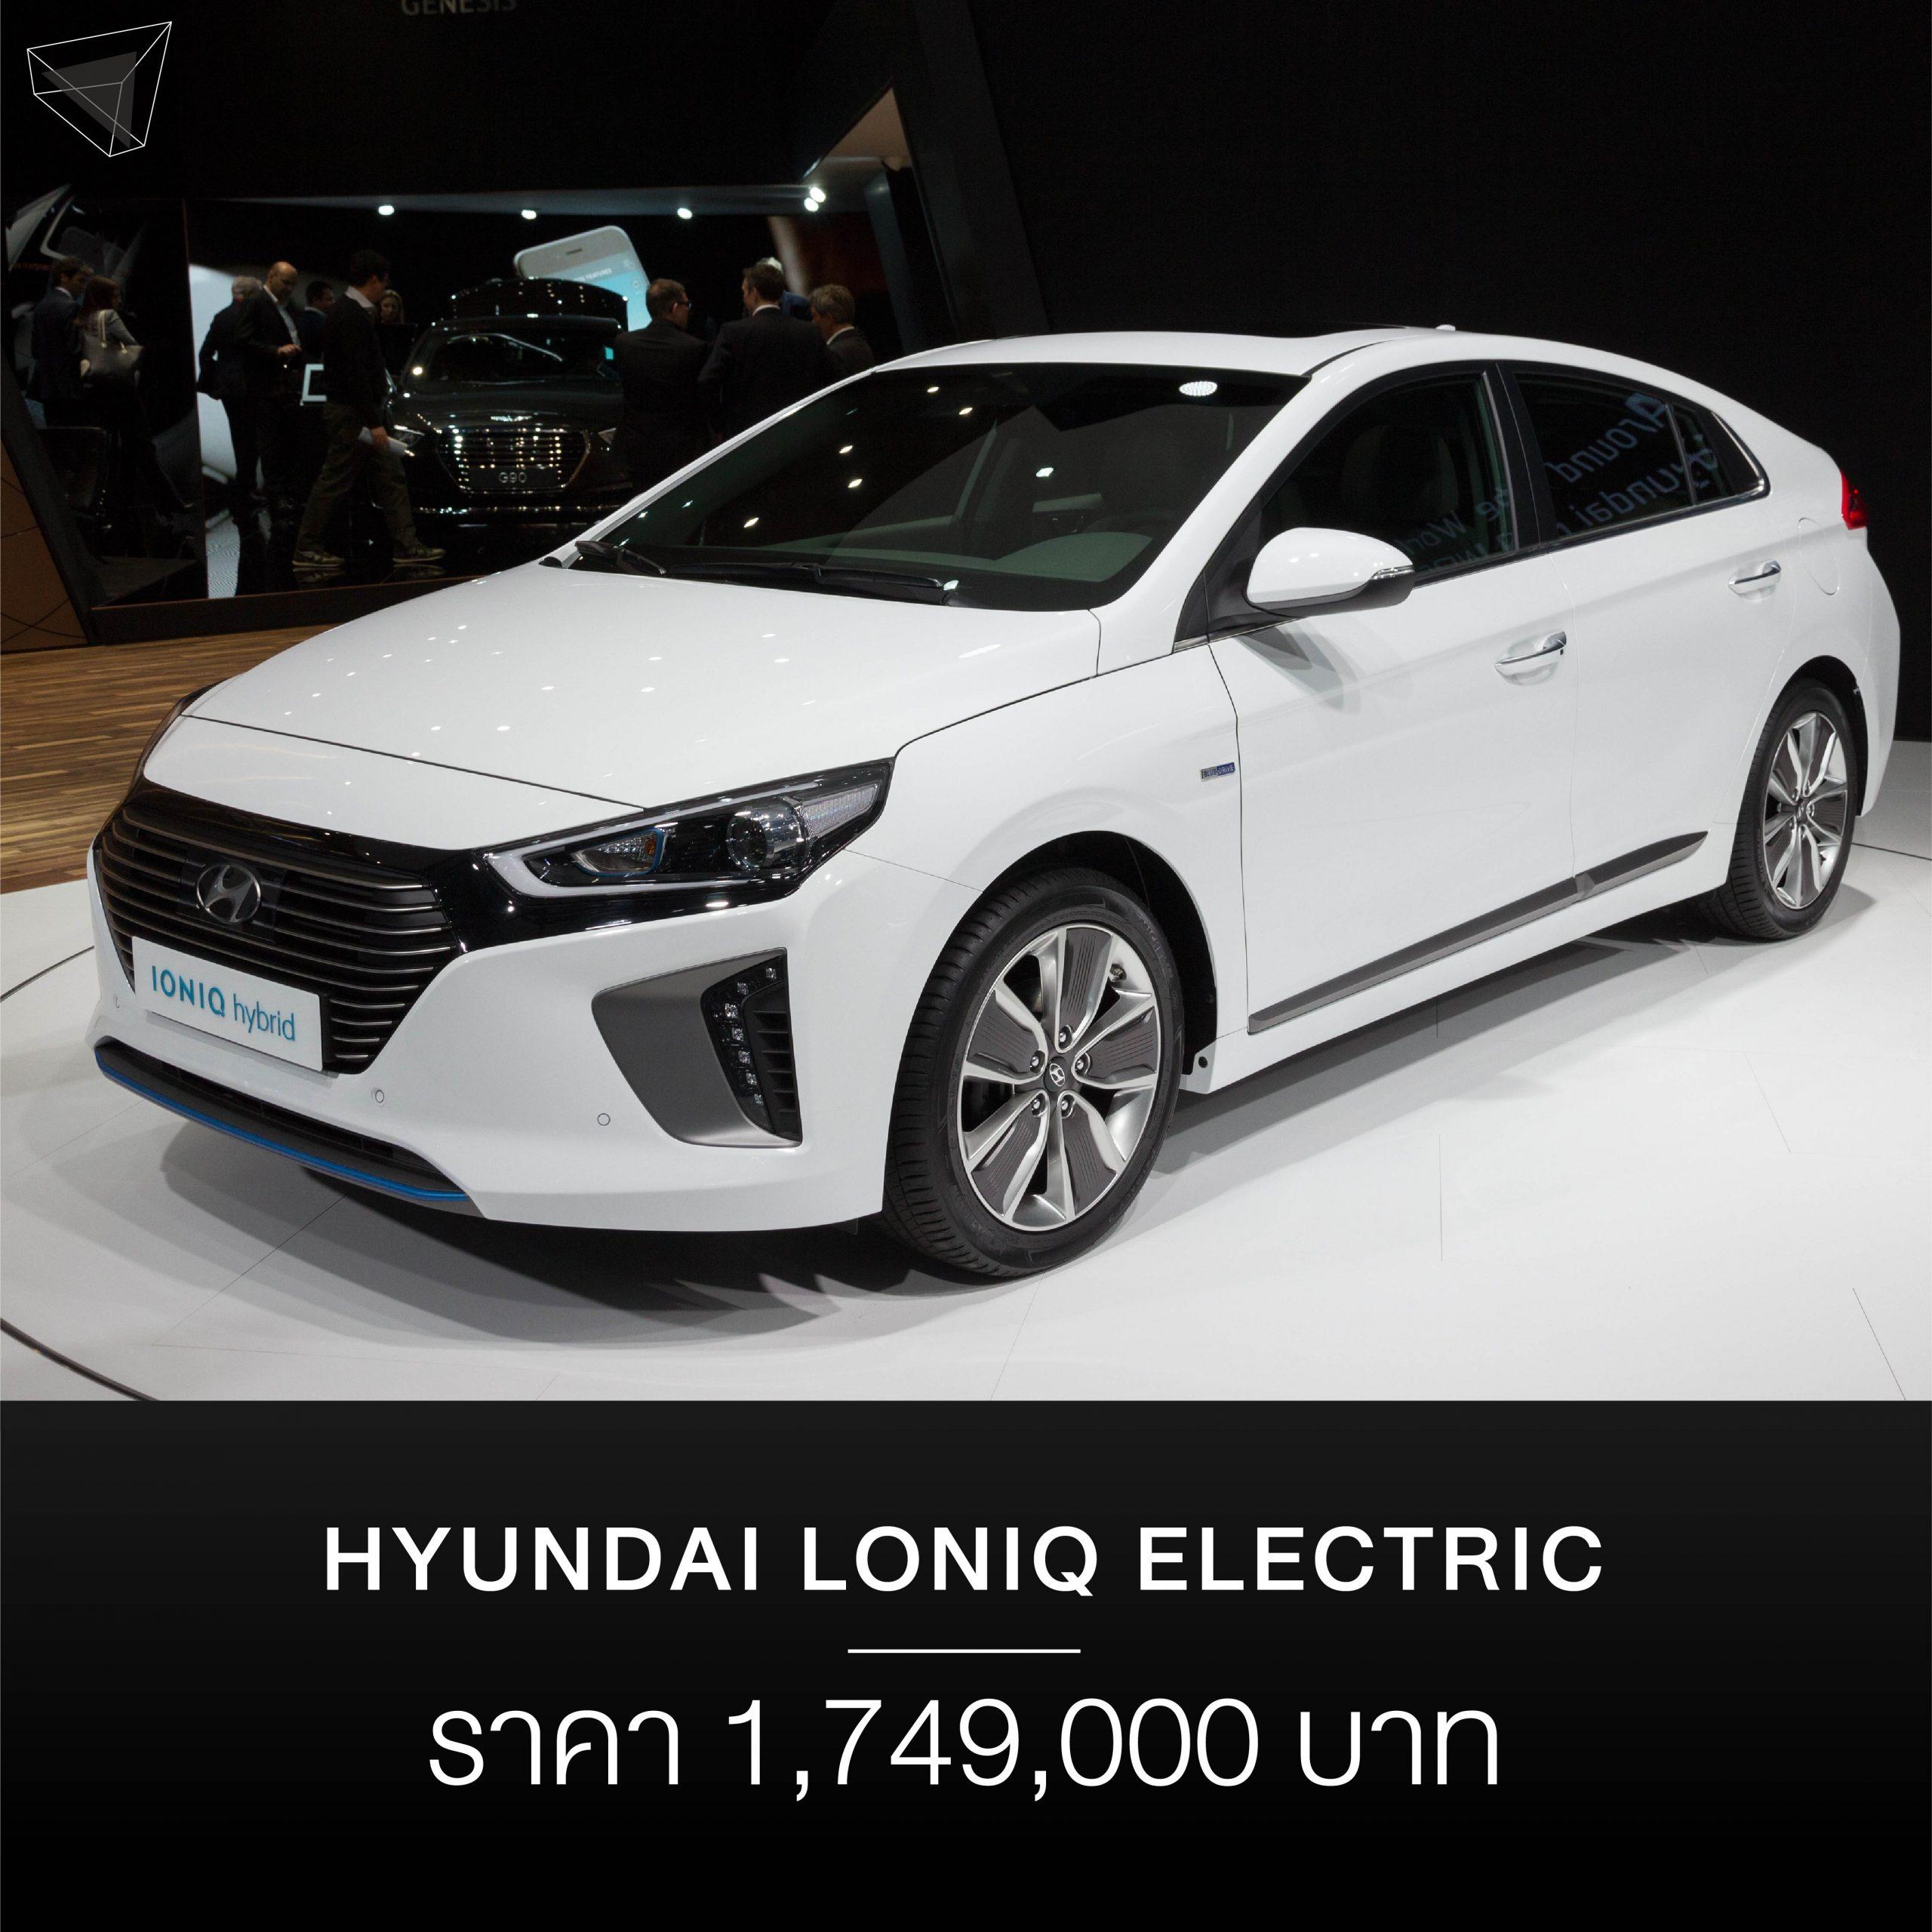 รถยนต์ไฟฟ้า Hyundai Ioniq Electric